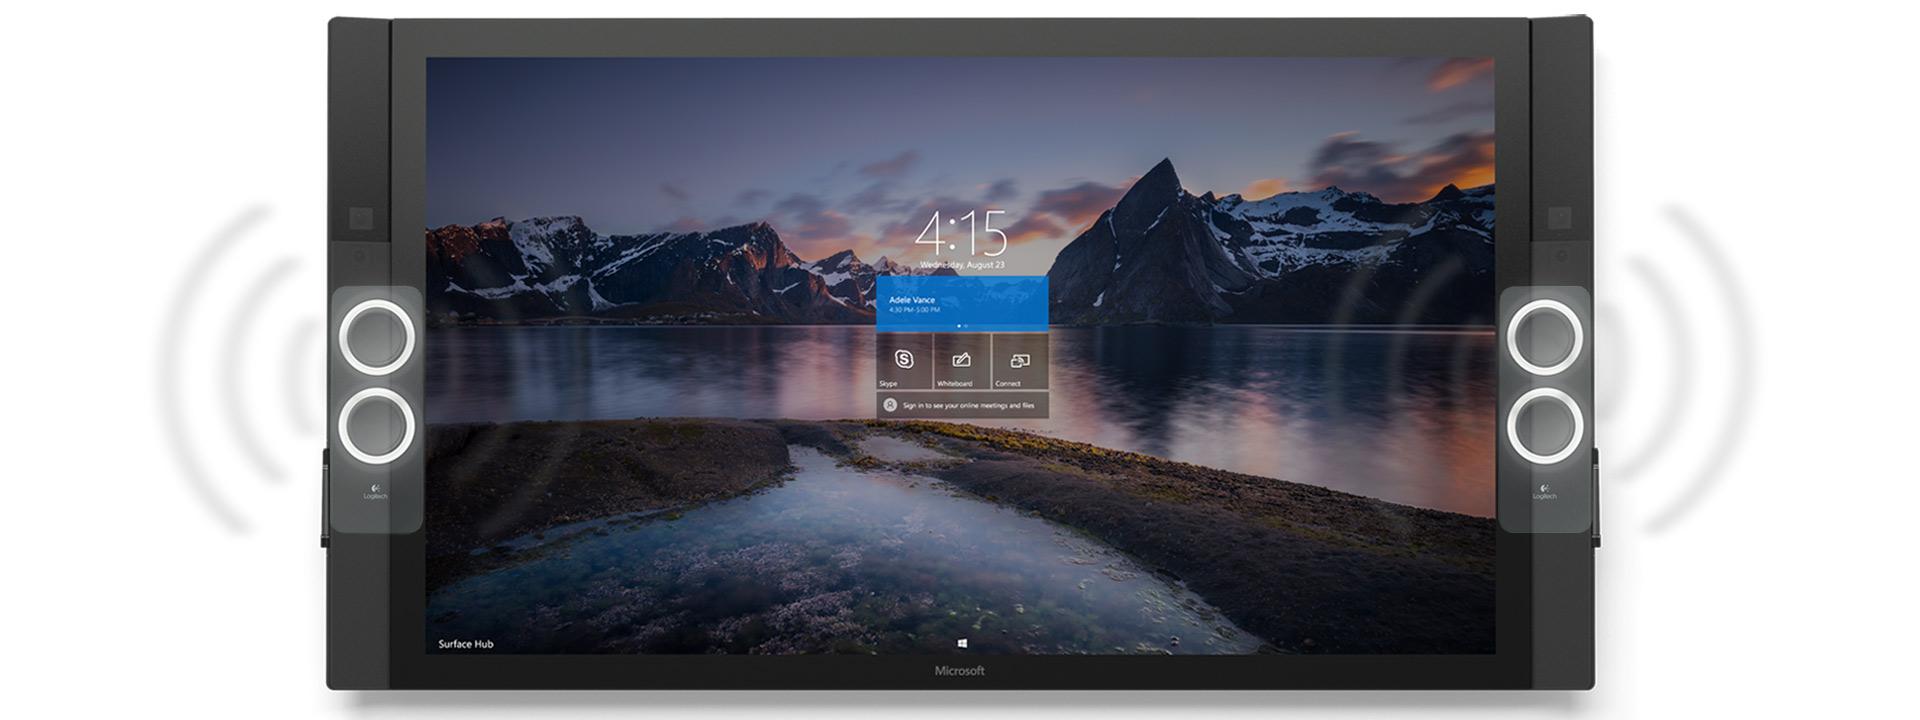 Vista frontal do Surface Hub a mostrar uma imagem da natureza no ecrã inicial, com ilustrações para mostrar os altifalantes a vibrarem com som.